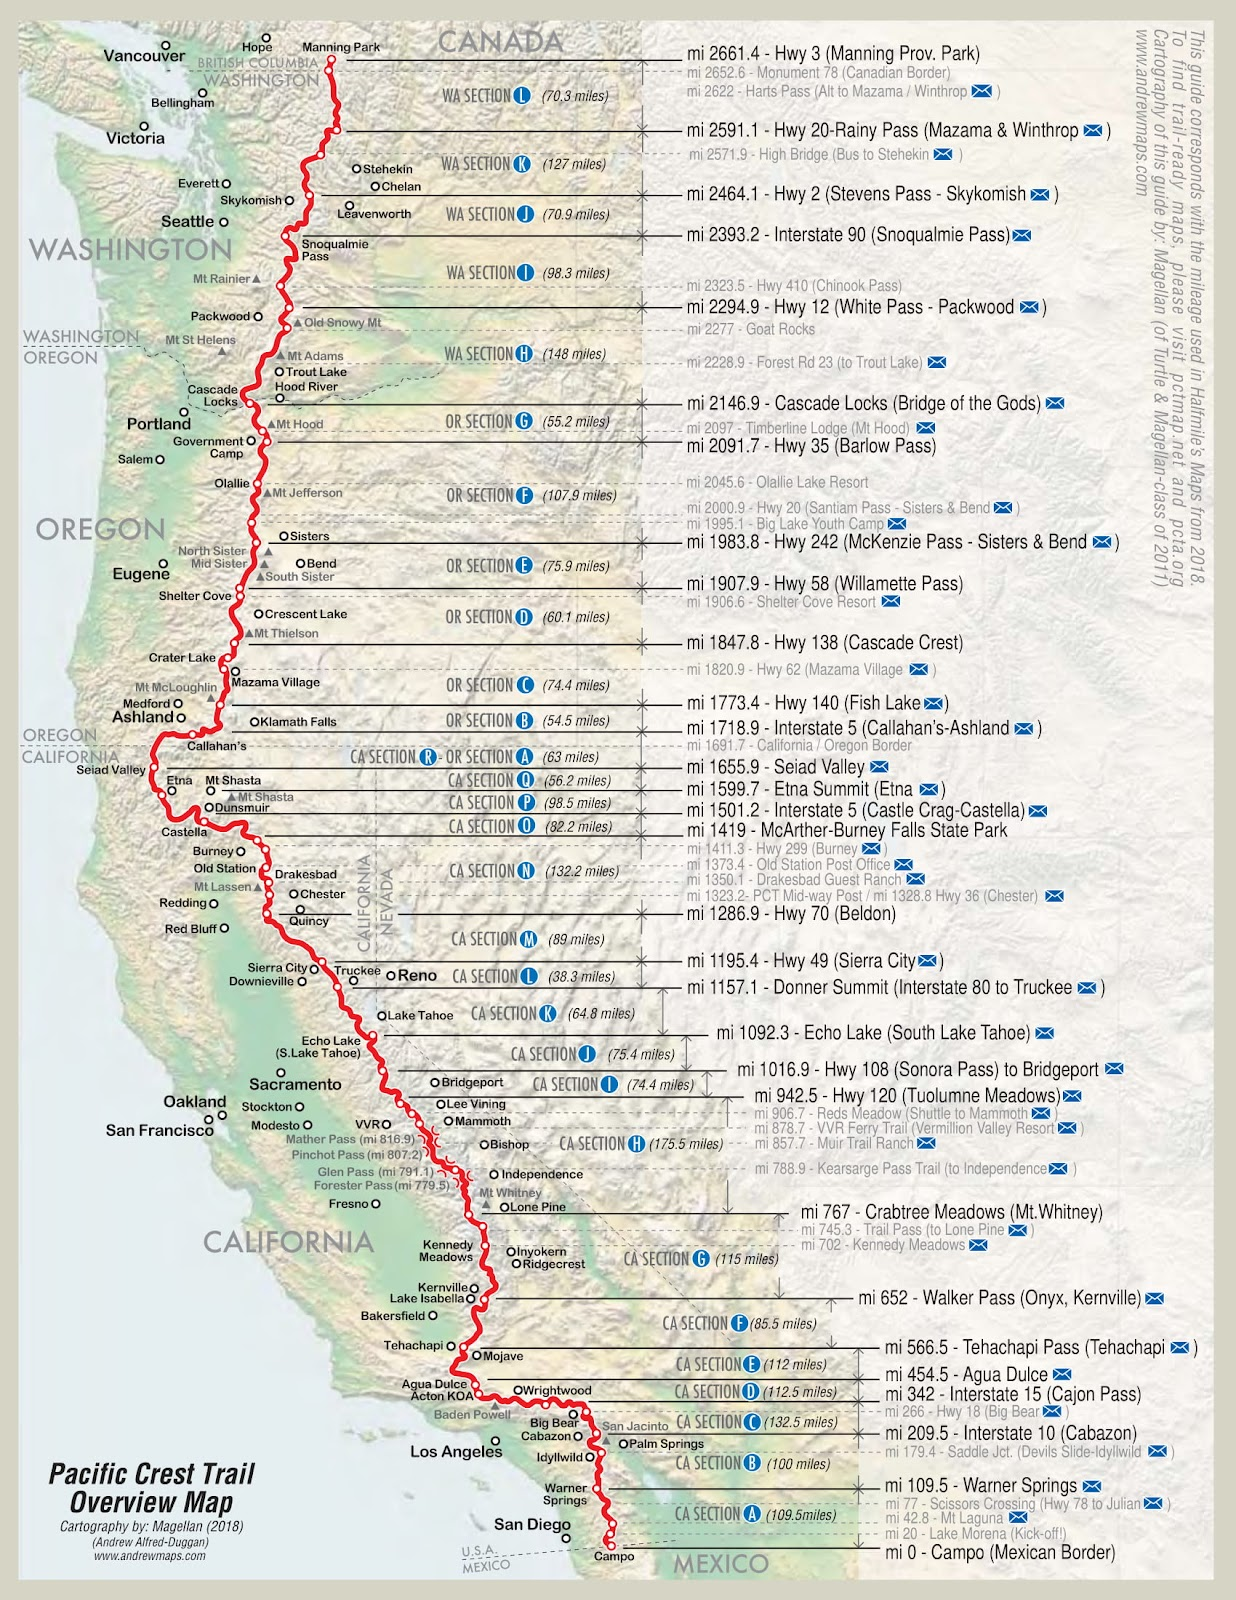 Overzicht van alle secties van de Pacific Crest Trail